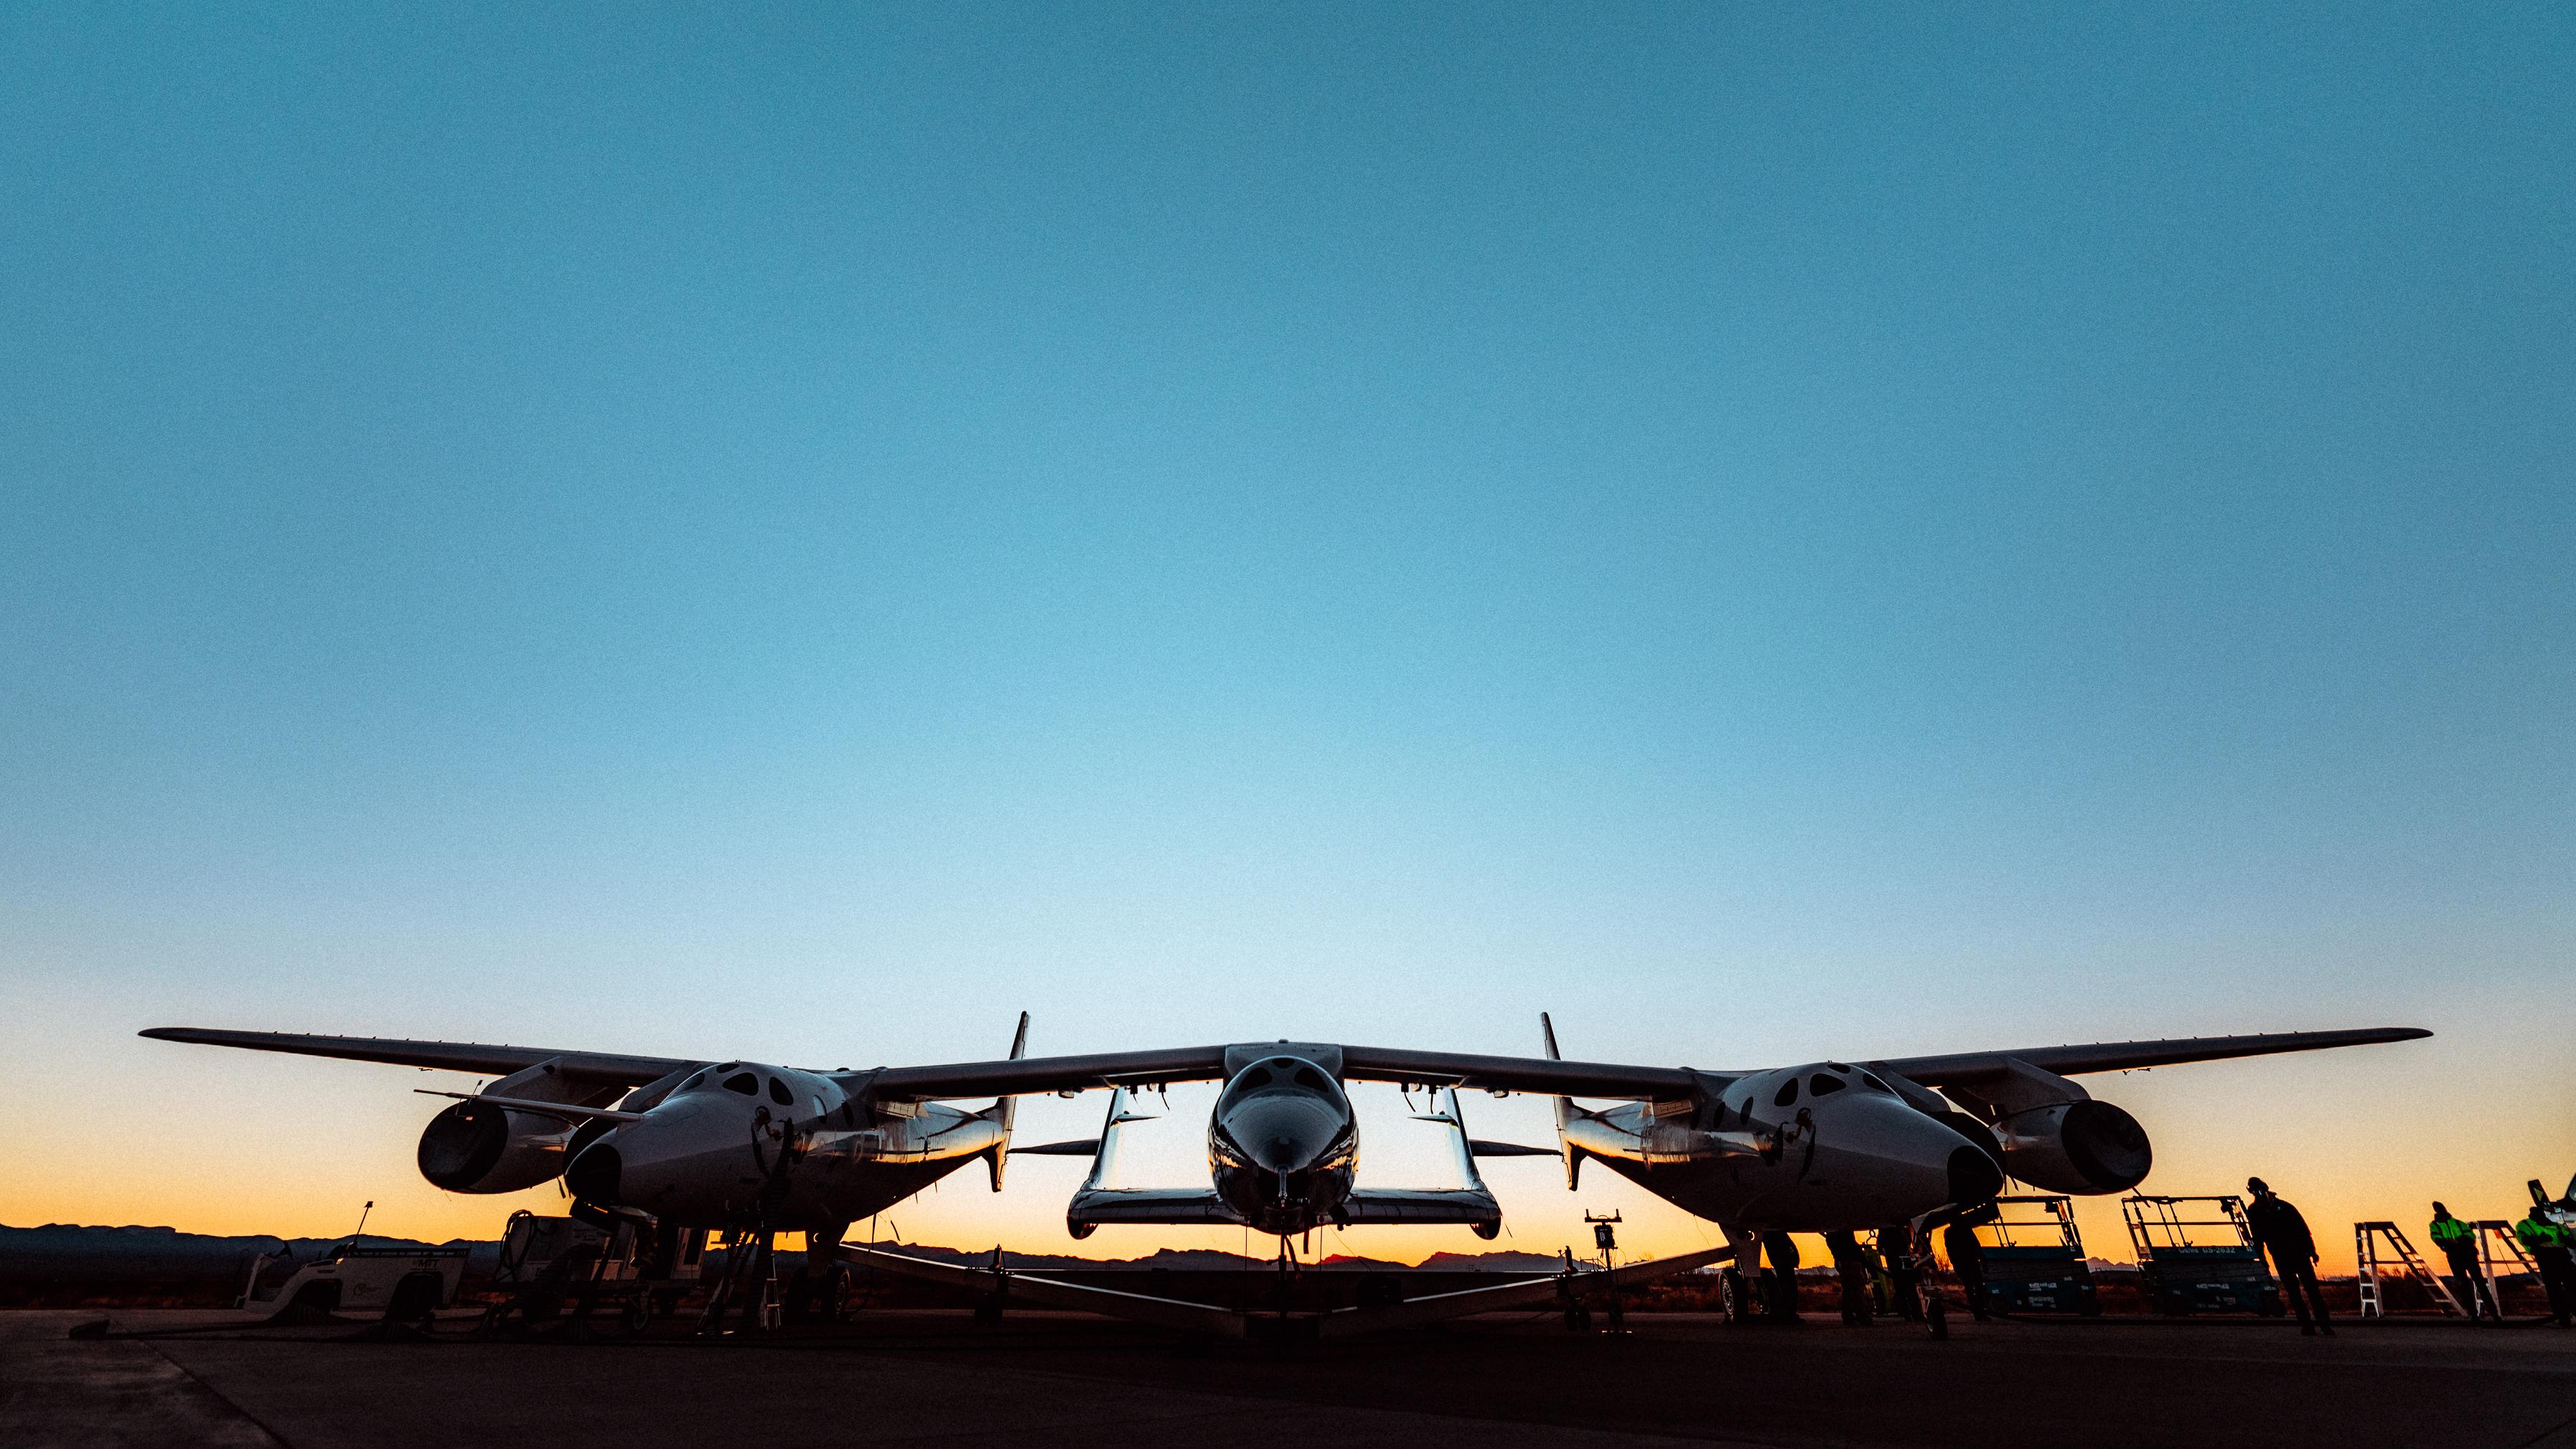 SpaceShipTwo Unity de Virgin Galactic et son vaisseau mère WhiteKnightTwo se préparent pour la première tentative de lancement de test depuis Spaceport America, Nouveau-Mexique, à l'aube du 12 décembre 2020.